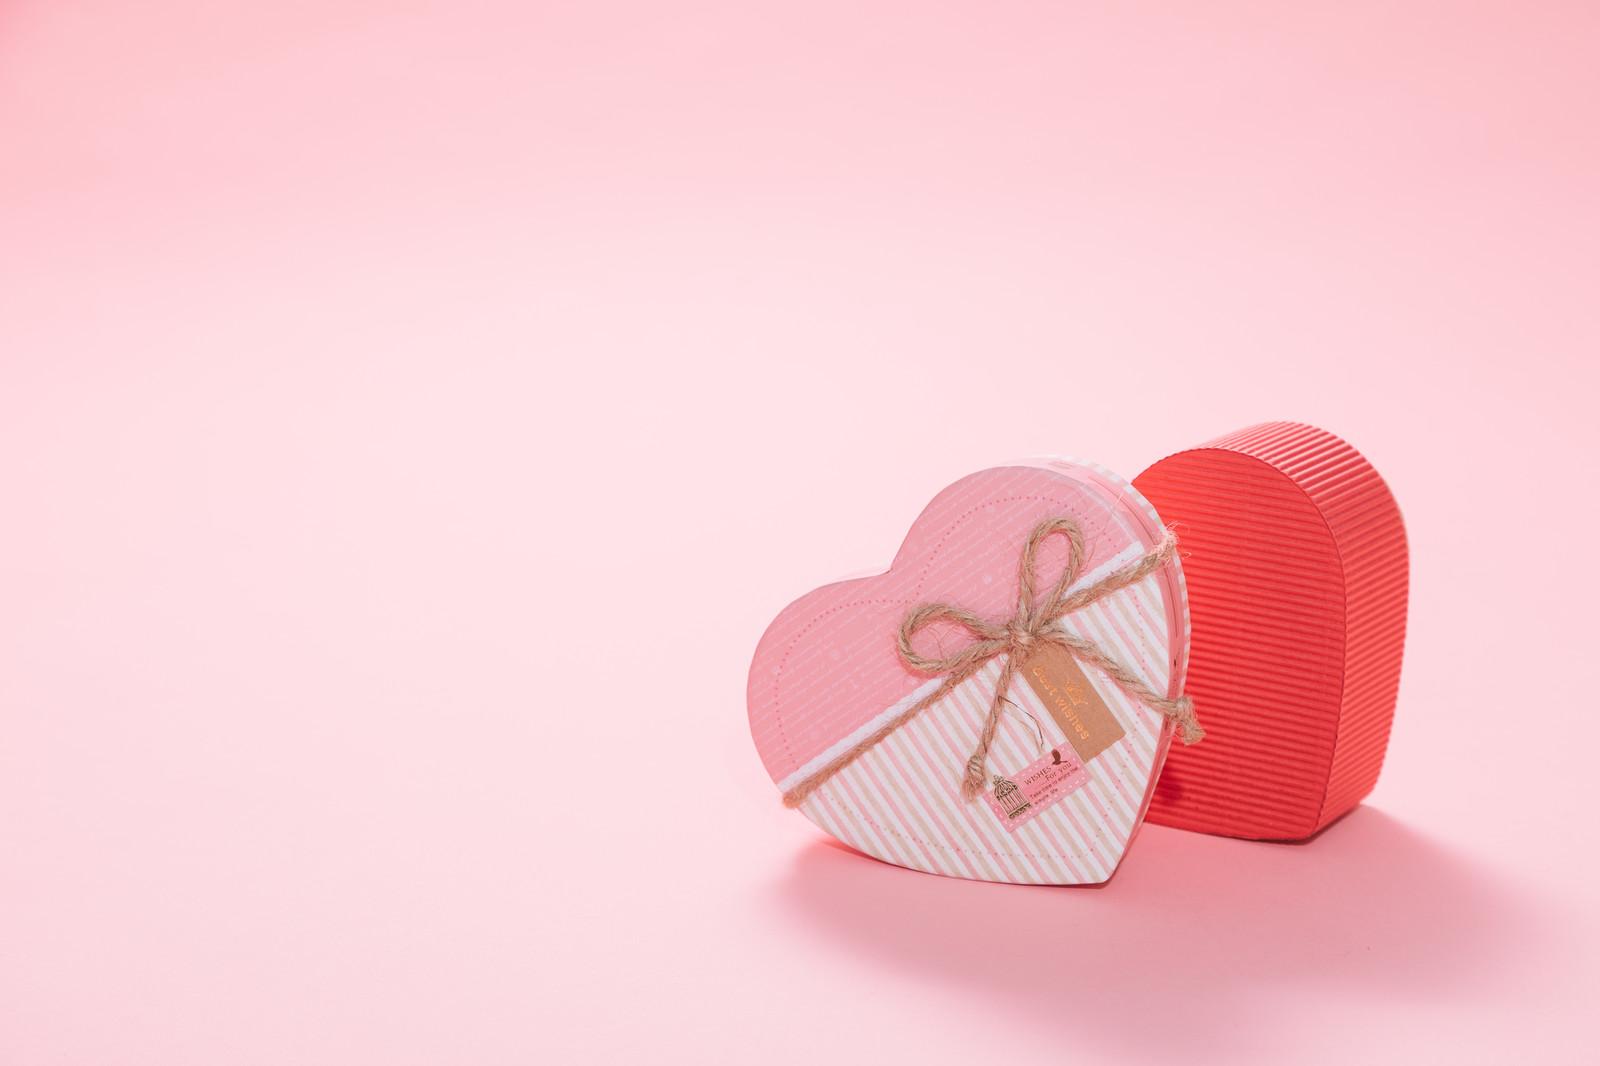 【バレンタイン♡】チョコ以外の手作りお菓子情報をお届けします!のサムネイル画像